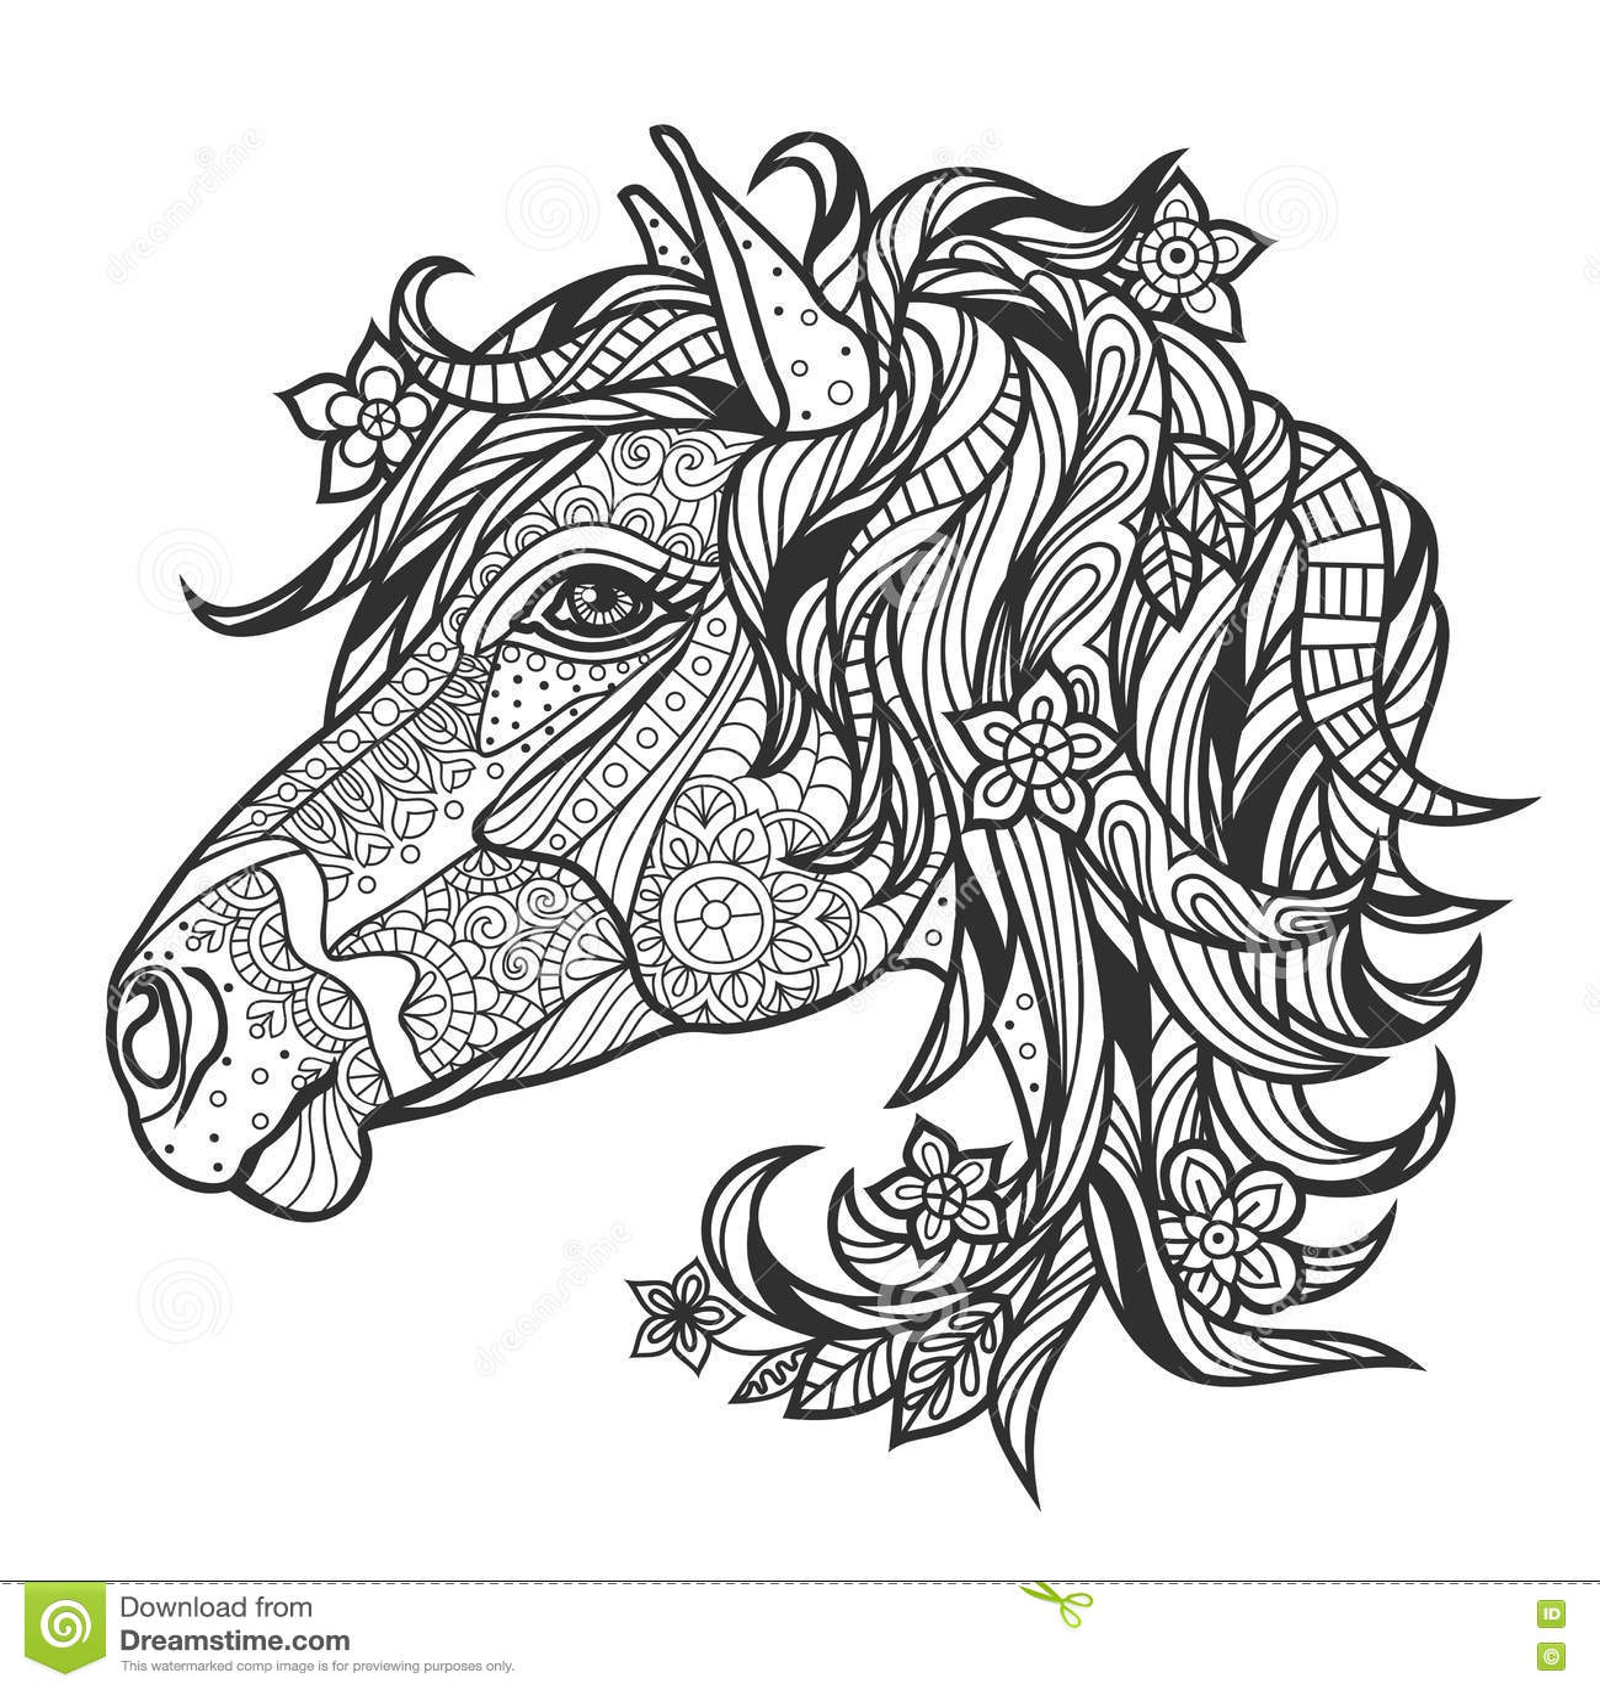 Kleurplaten Dieren Paarden Kleuren Antistress Met Een Portret Van Een Paard Vector